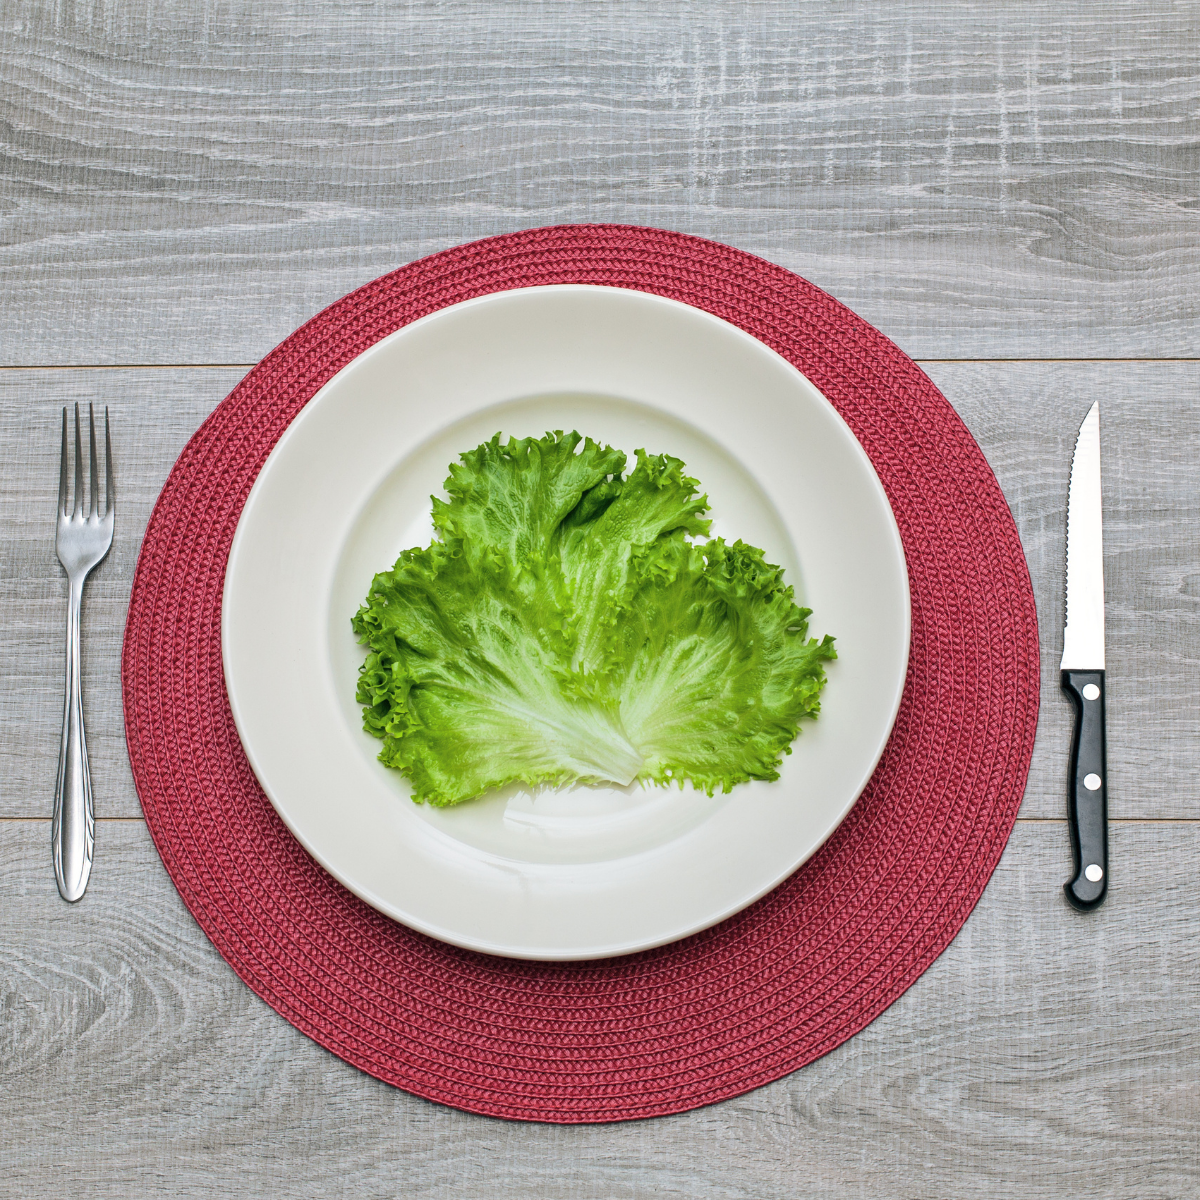 Ce dietă să alegem? – Partea 3: Dietele cu restricție de calorii